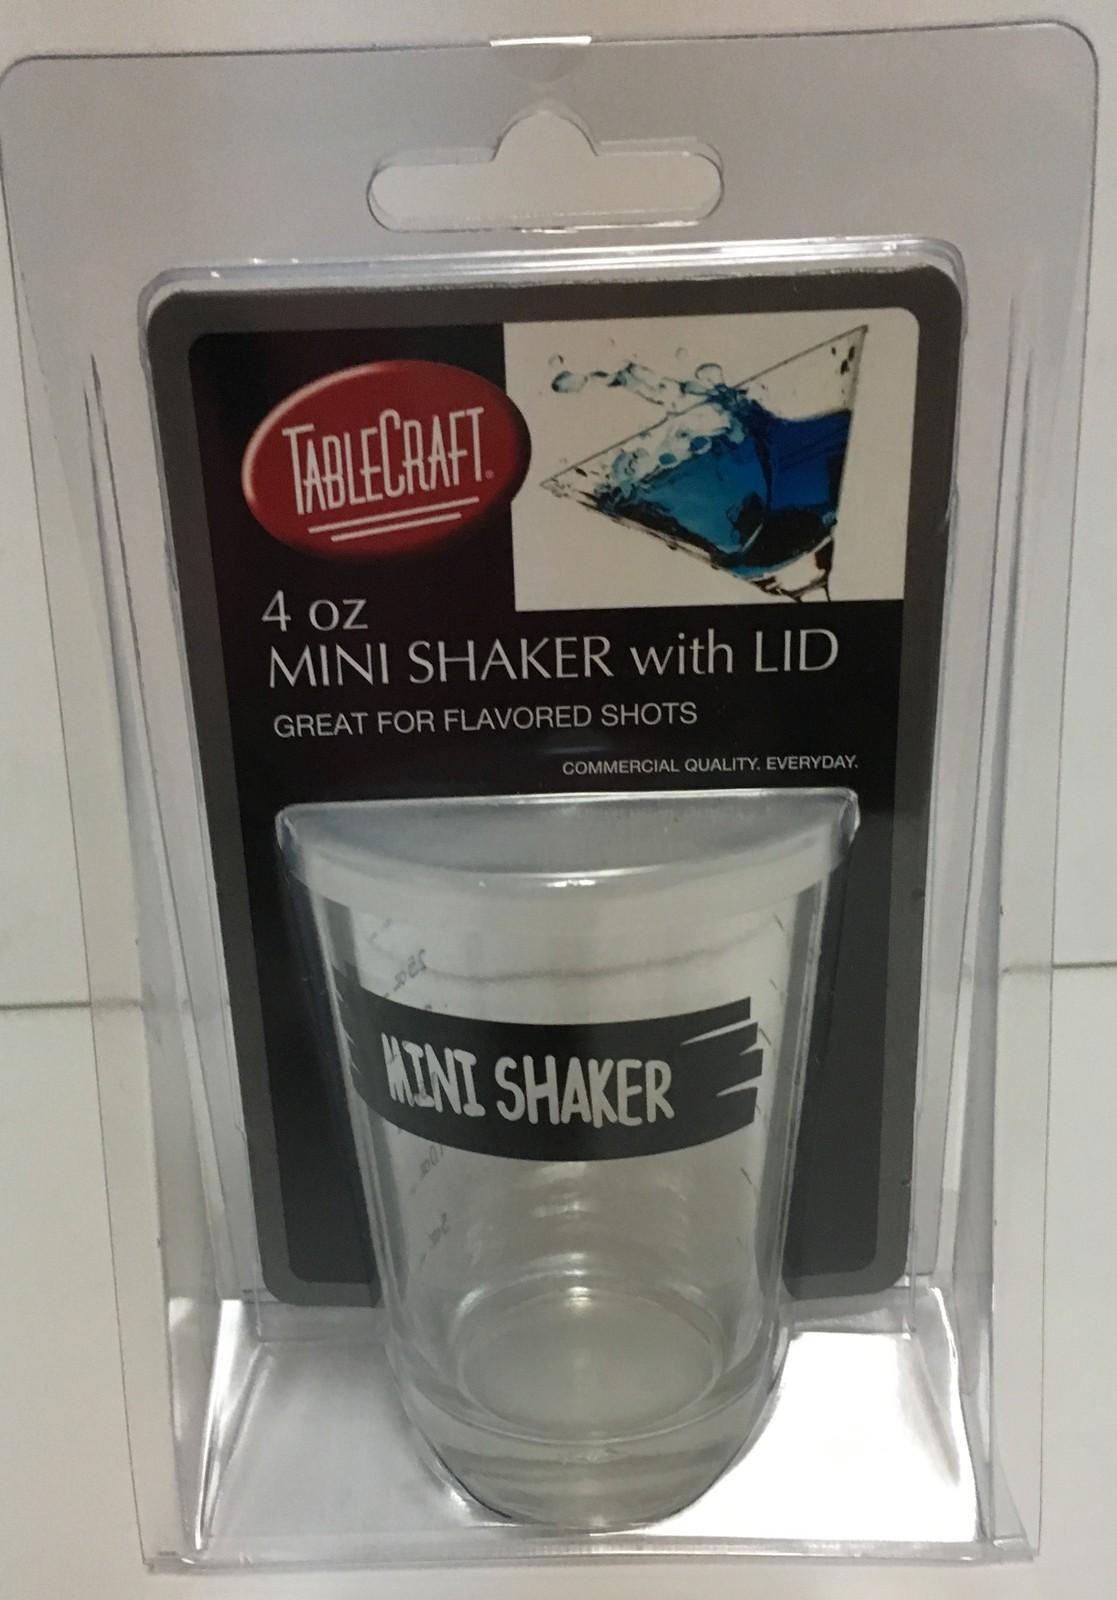 Mini Shaker w/Lid Table Craft 4 OZ Bar Shots NEW